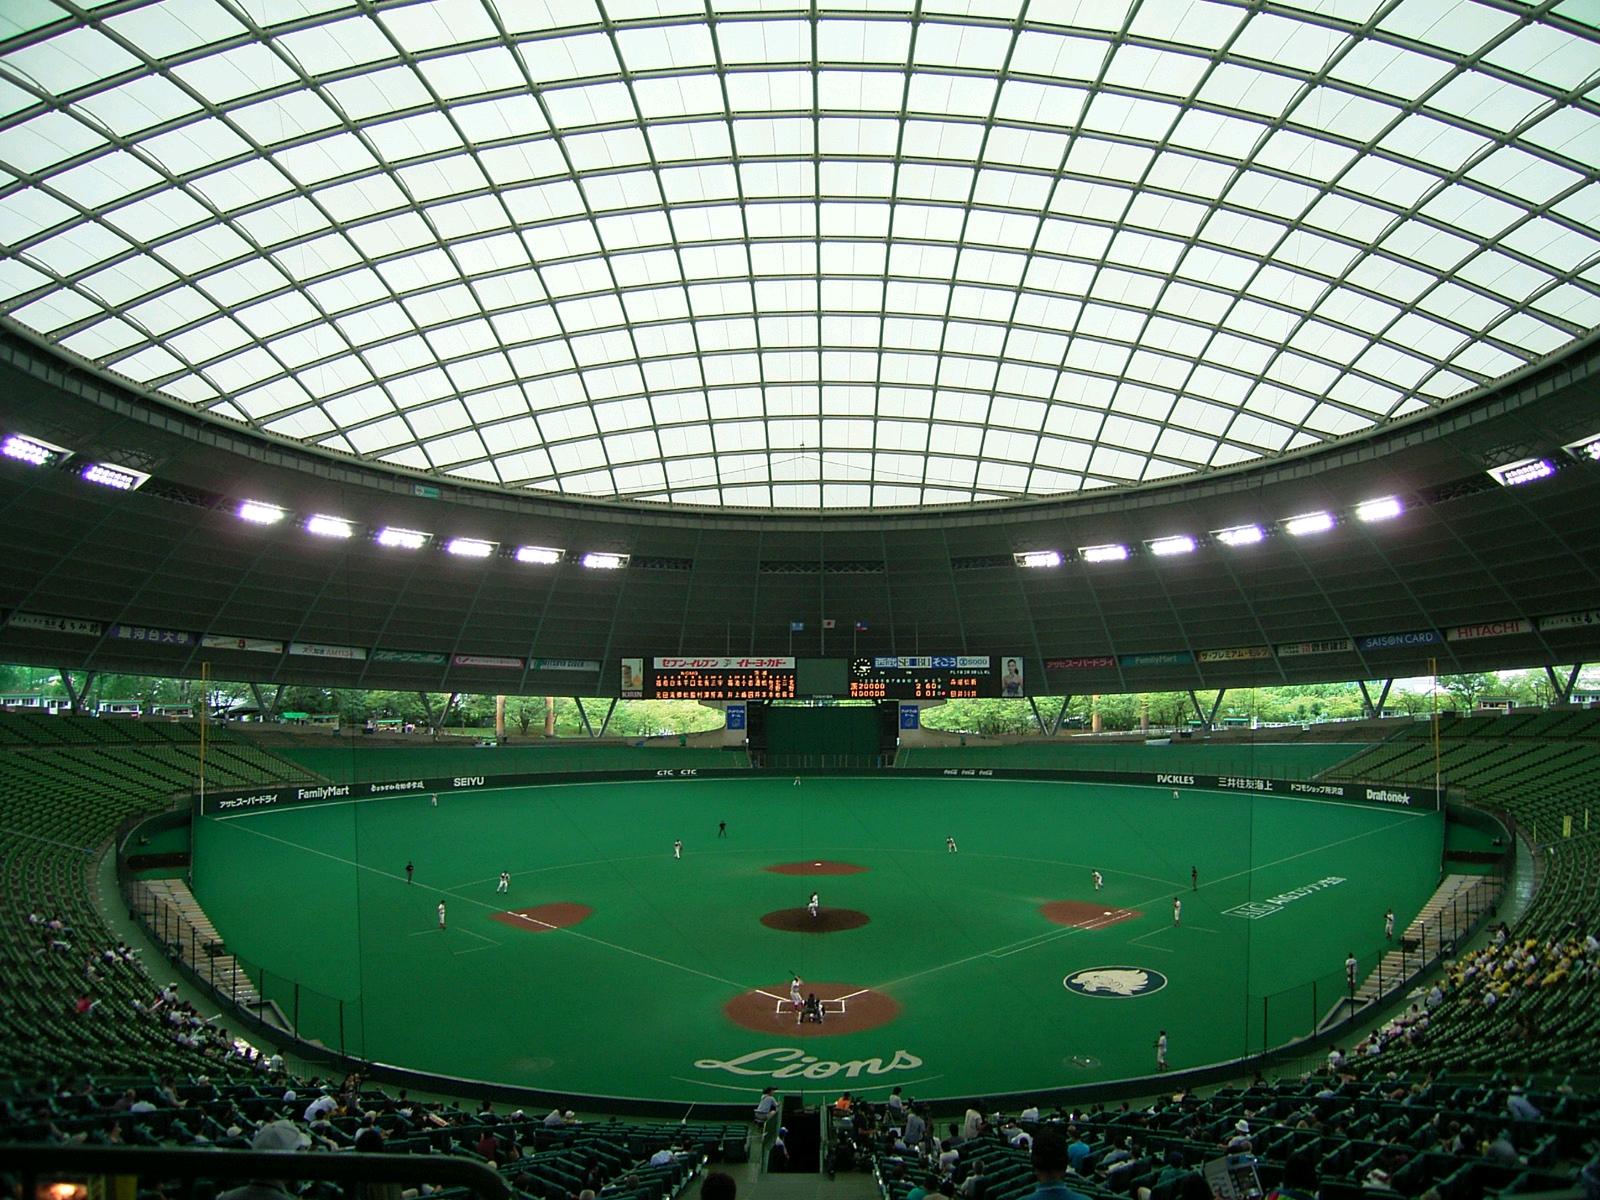 高校野球の観戦について質問です。高校野球はプロ …